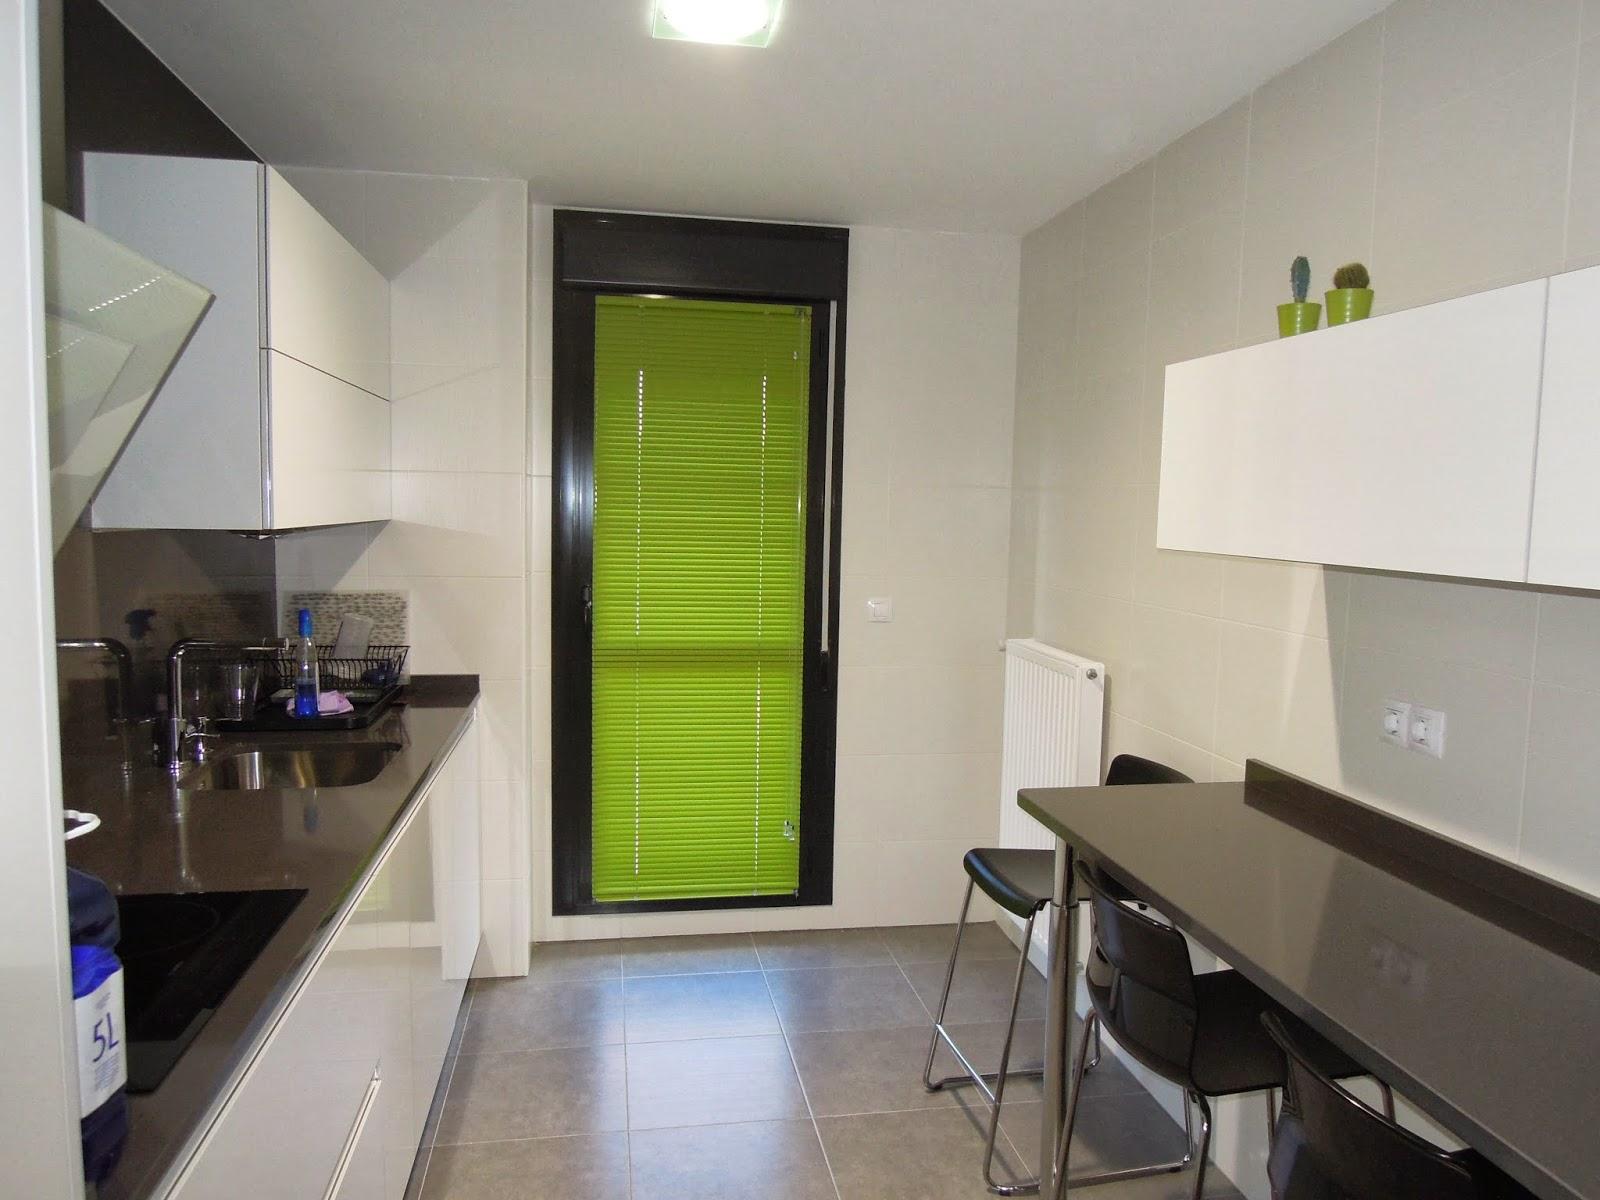 Fotos de cortinas cocinas 2014 for Cortinas para puertas de cocina